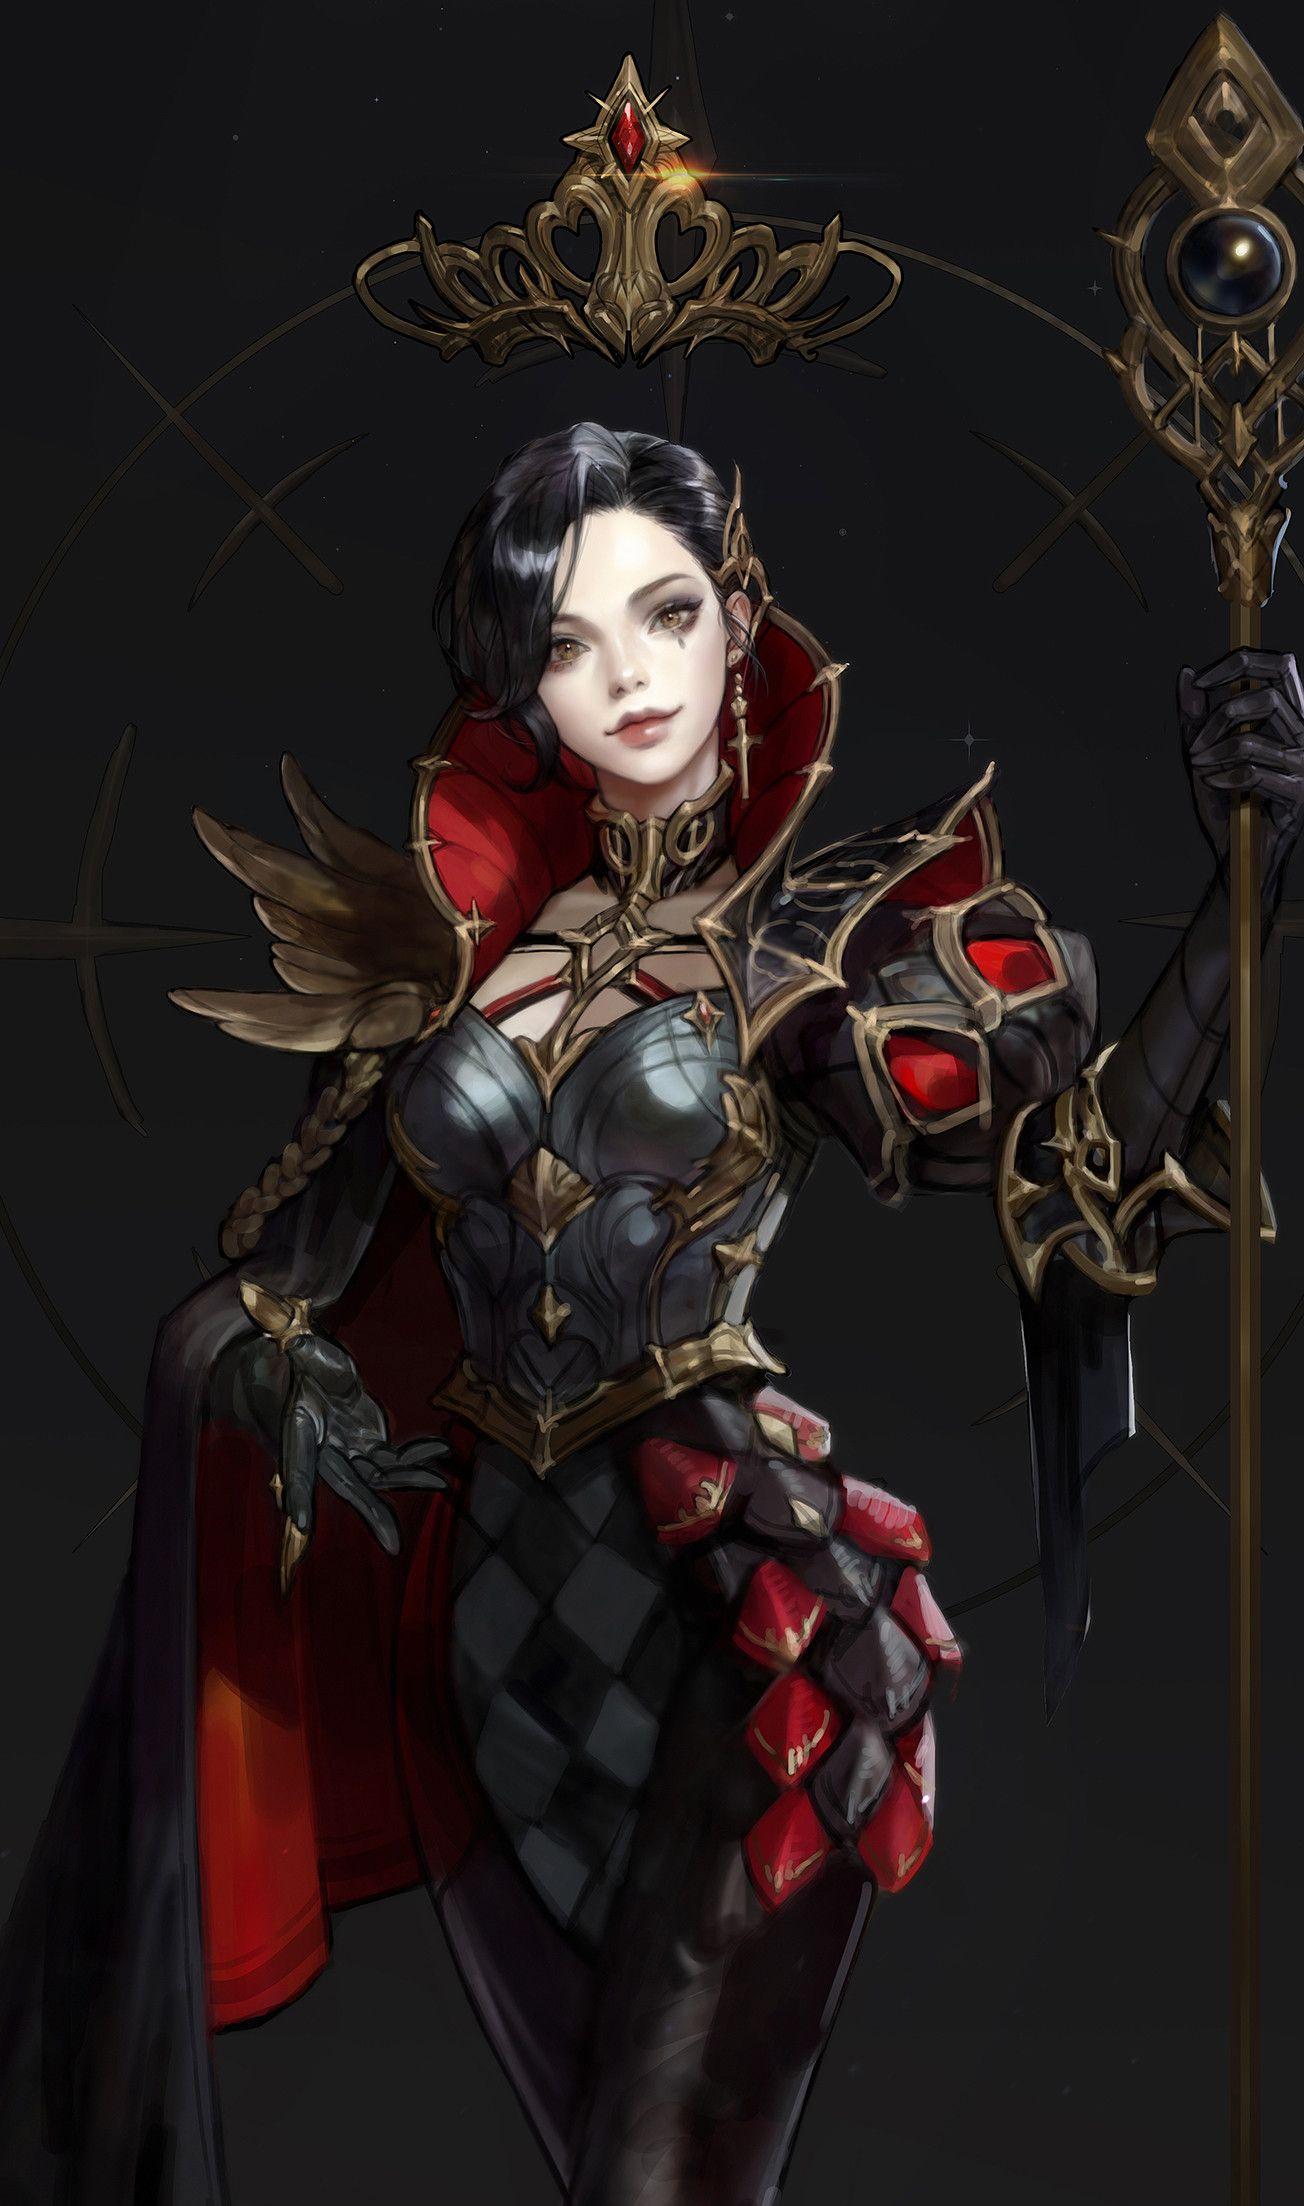 Artstation chess black queen monable character